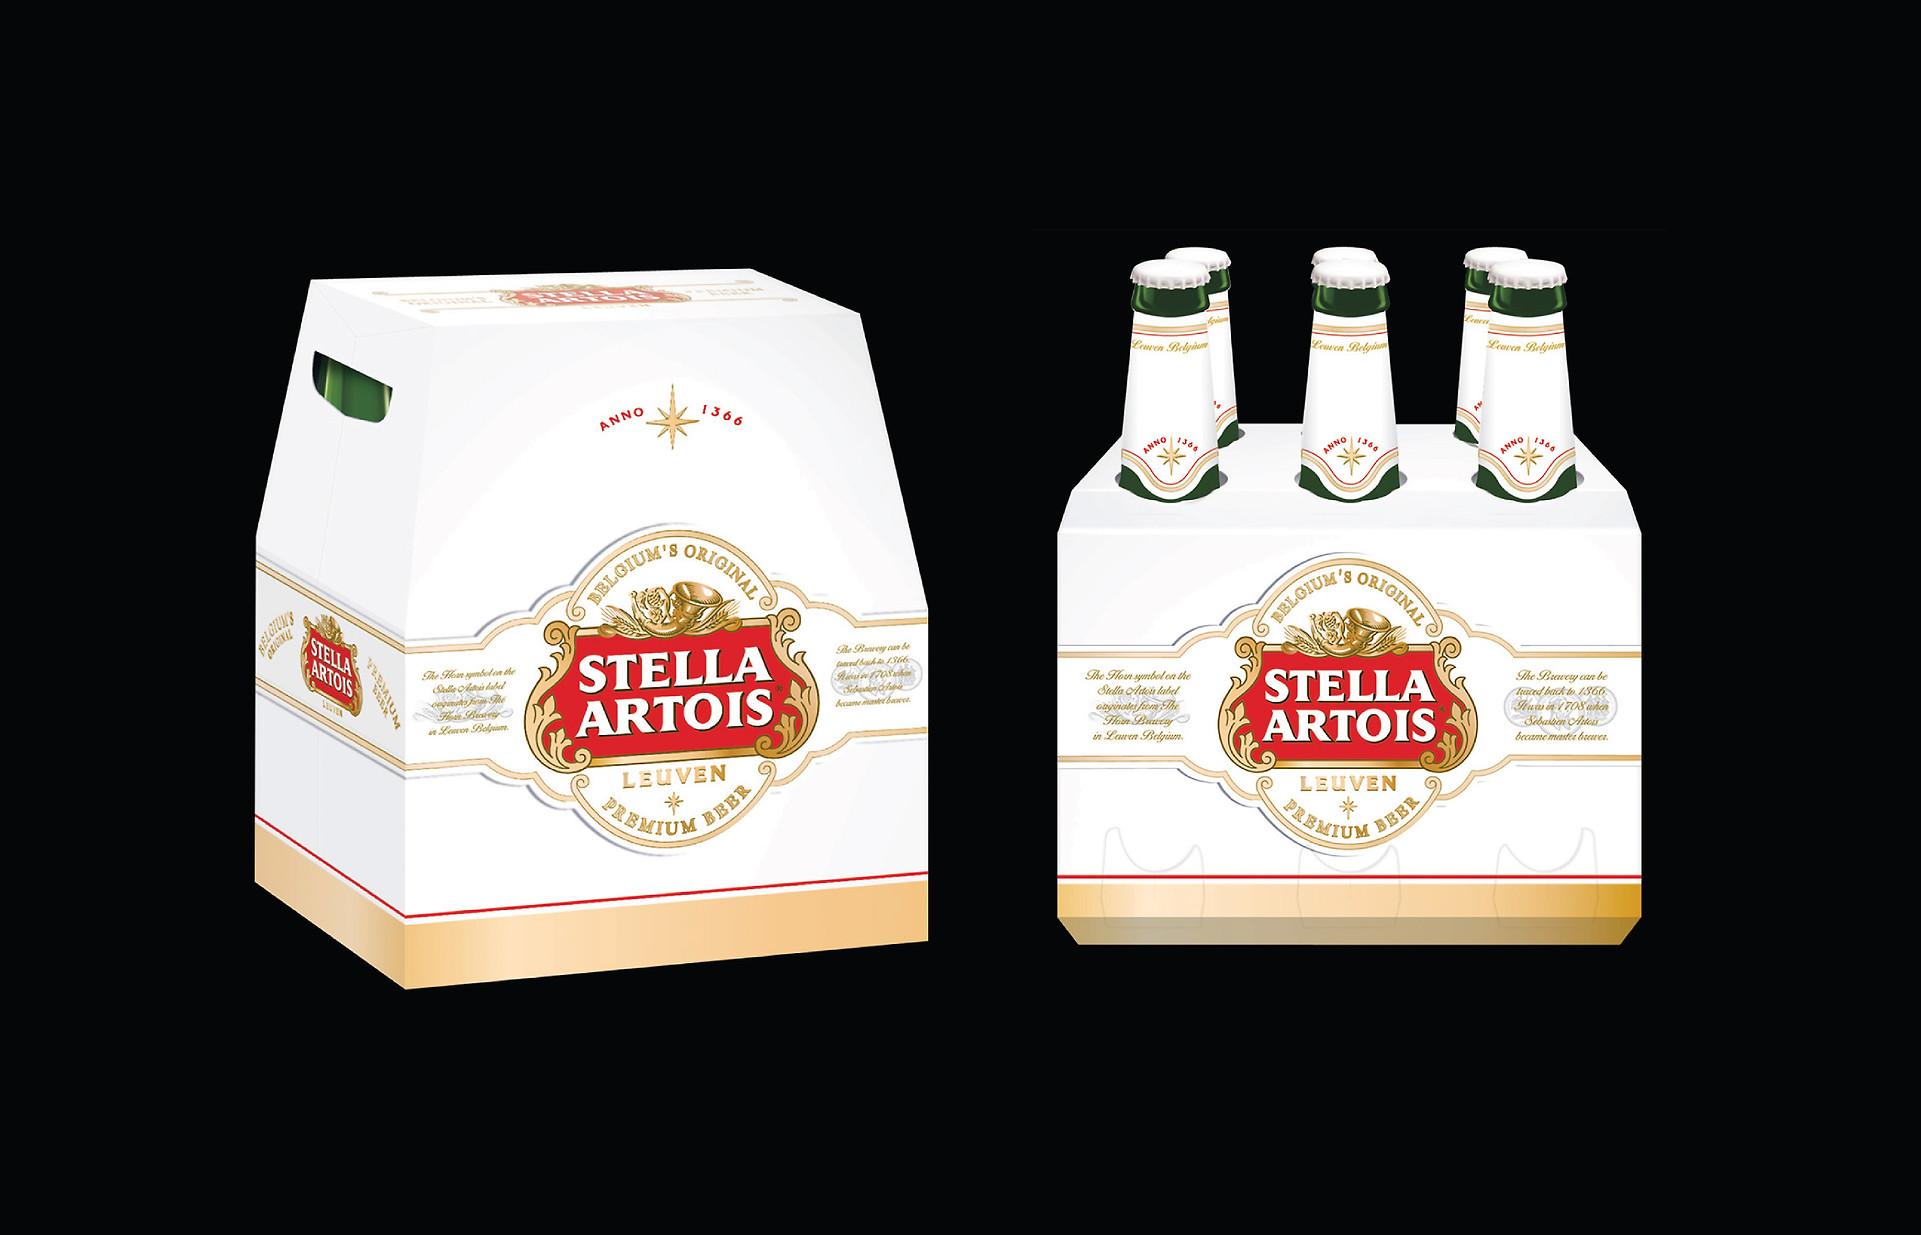 StellaArtois-02.jpg